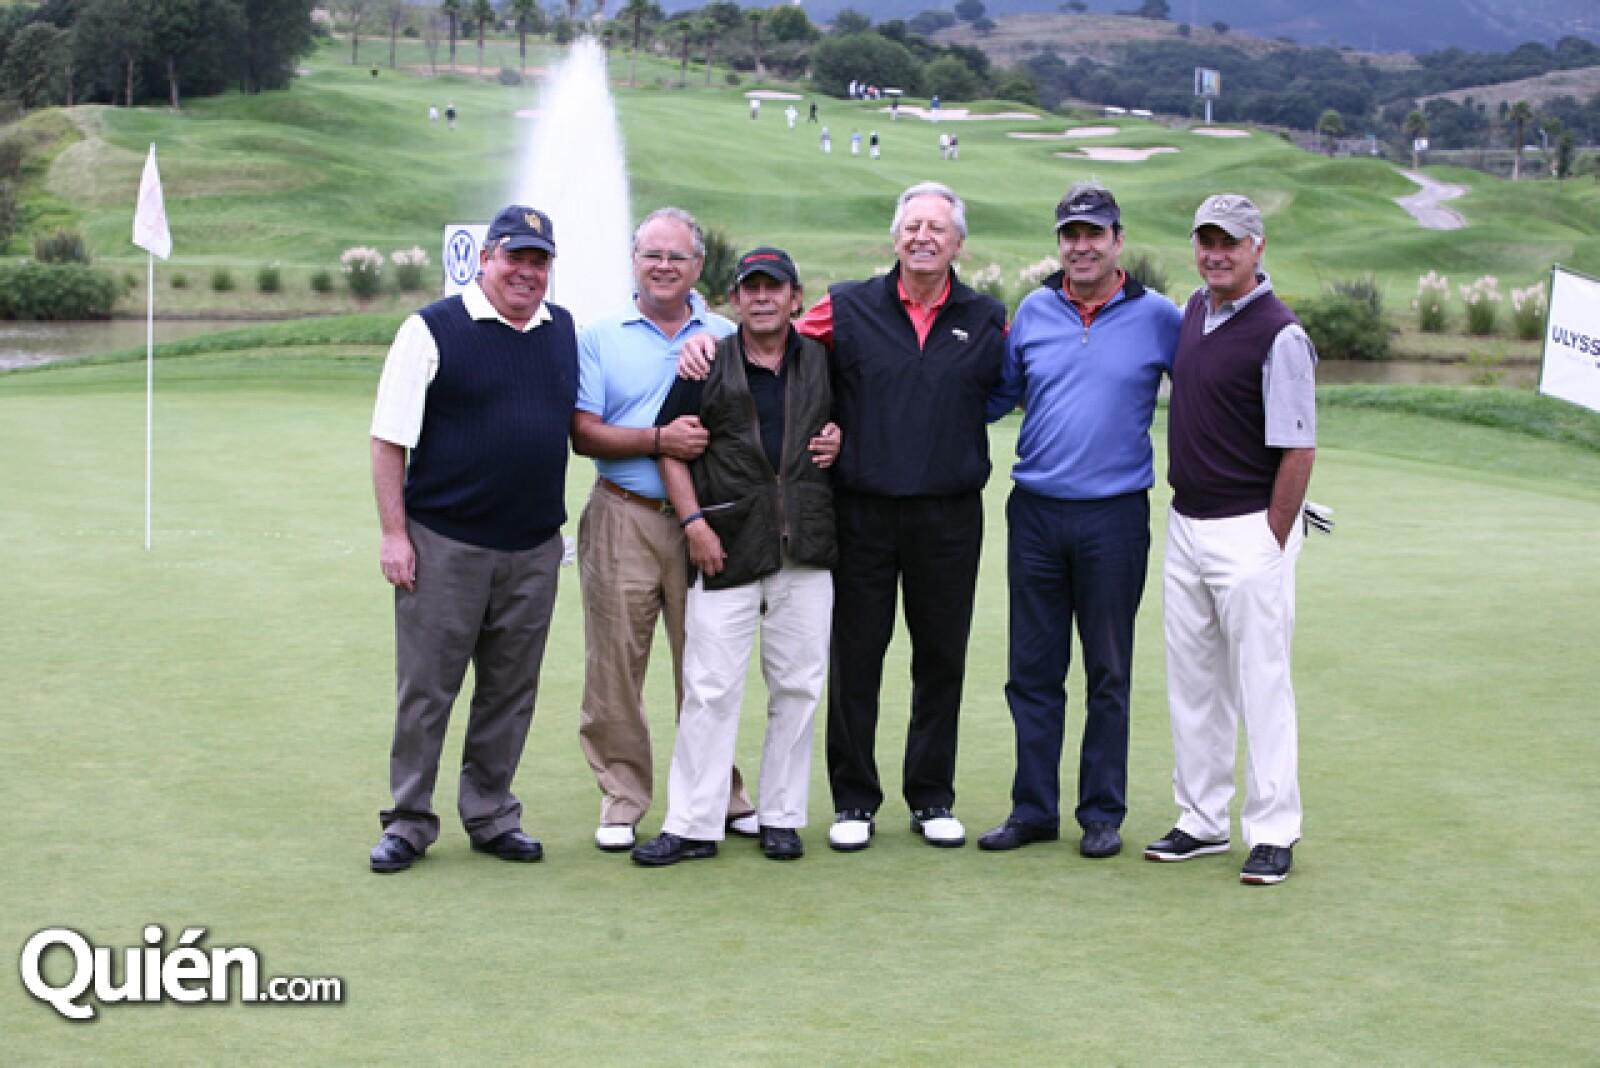 Carlos Aguirre,Rodrigo Lebois,Eduardo Ovejas,Manuel Weinberg,Arturo David,Jaime Prieto